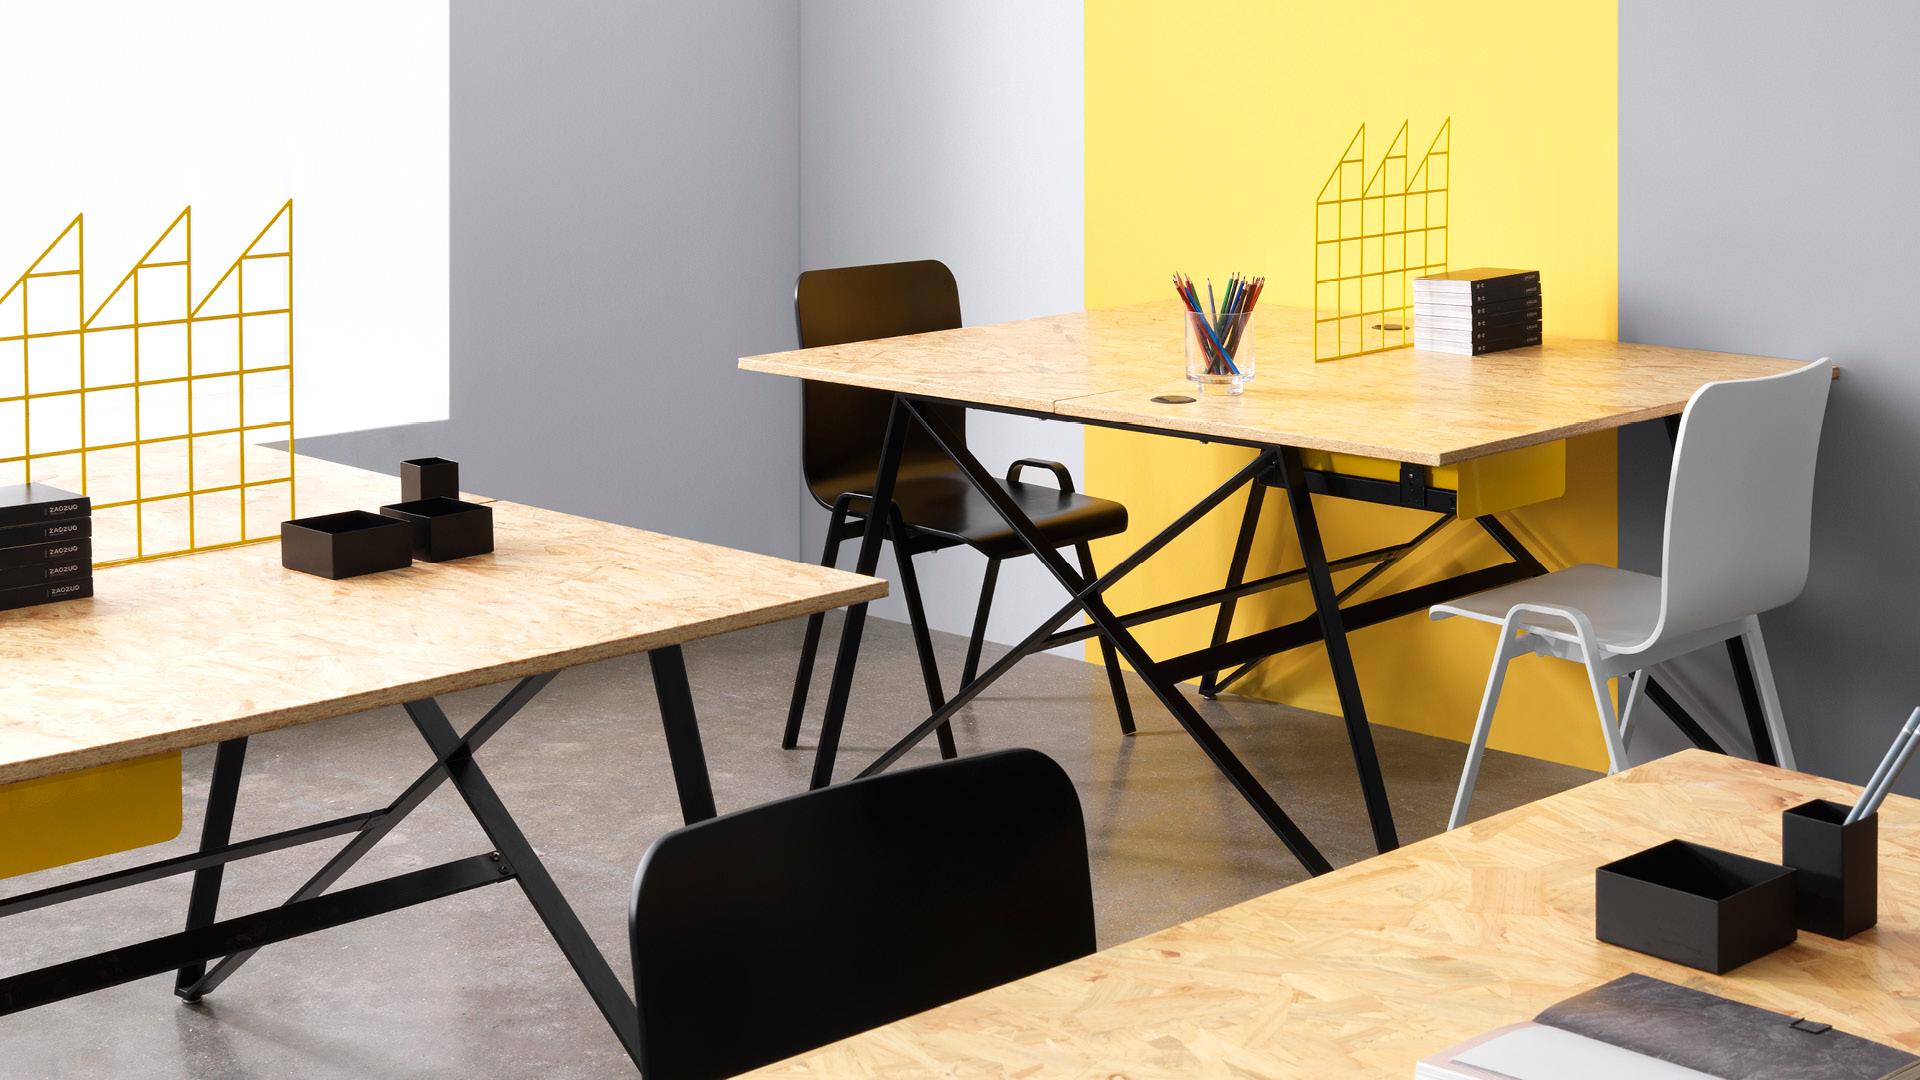 一把什么样的办公椅,才能让大型办公空间最具现代气质?洛城椅的优雅弧线与工业力量感,甩掉老气,营造更具活力的大型办公空间。?x-oss-process=image/format,jpg/interlace,1